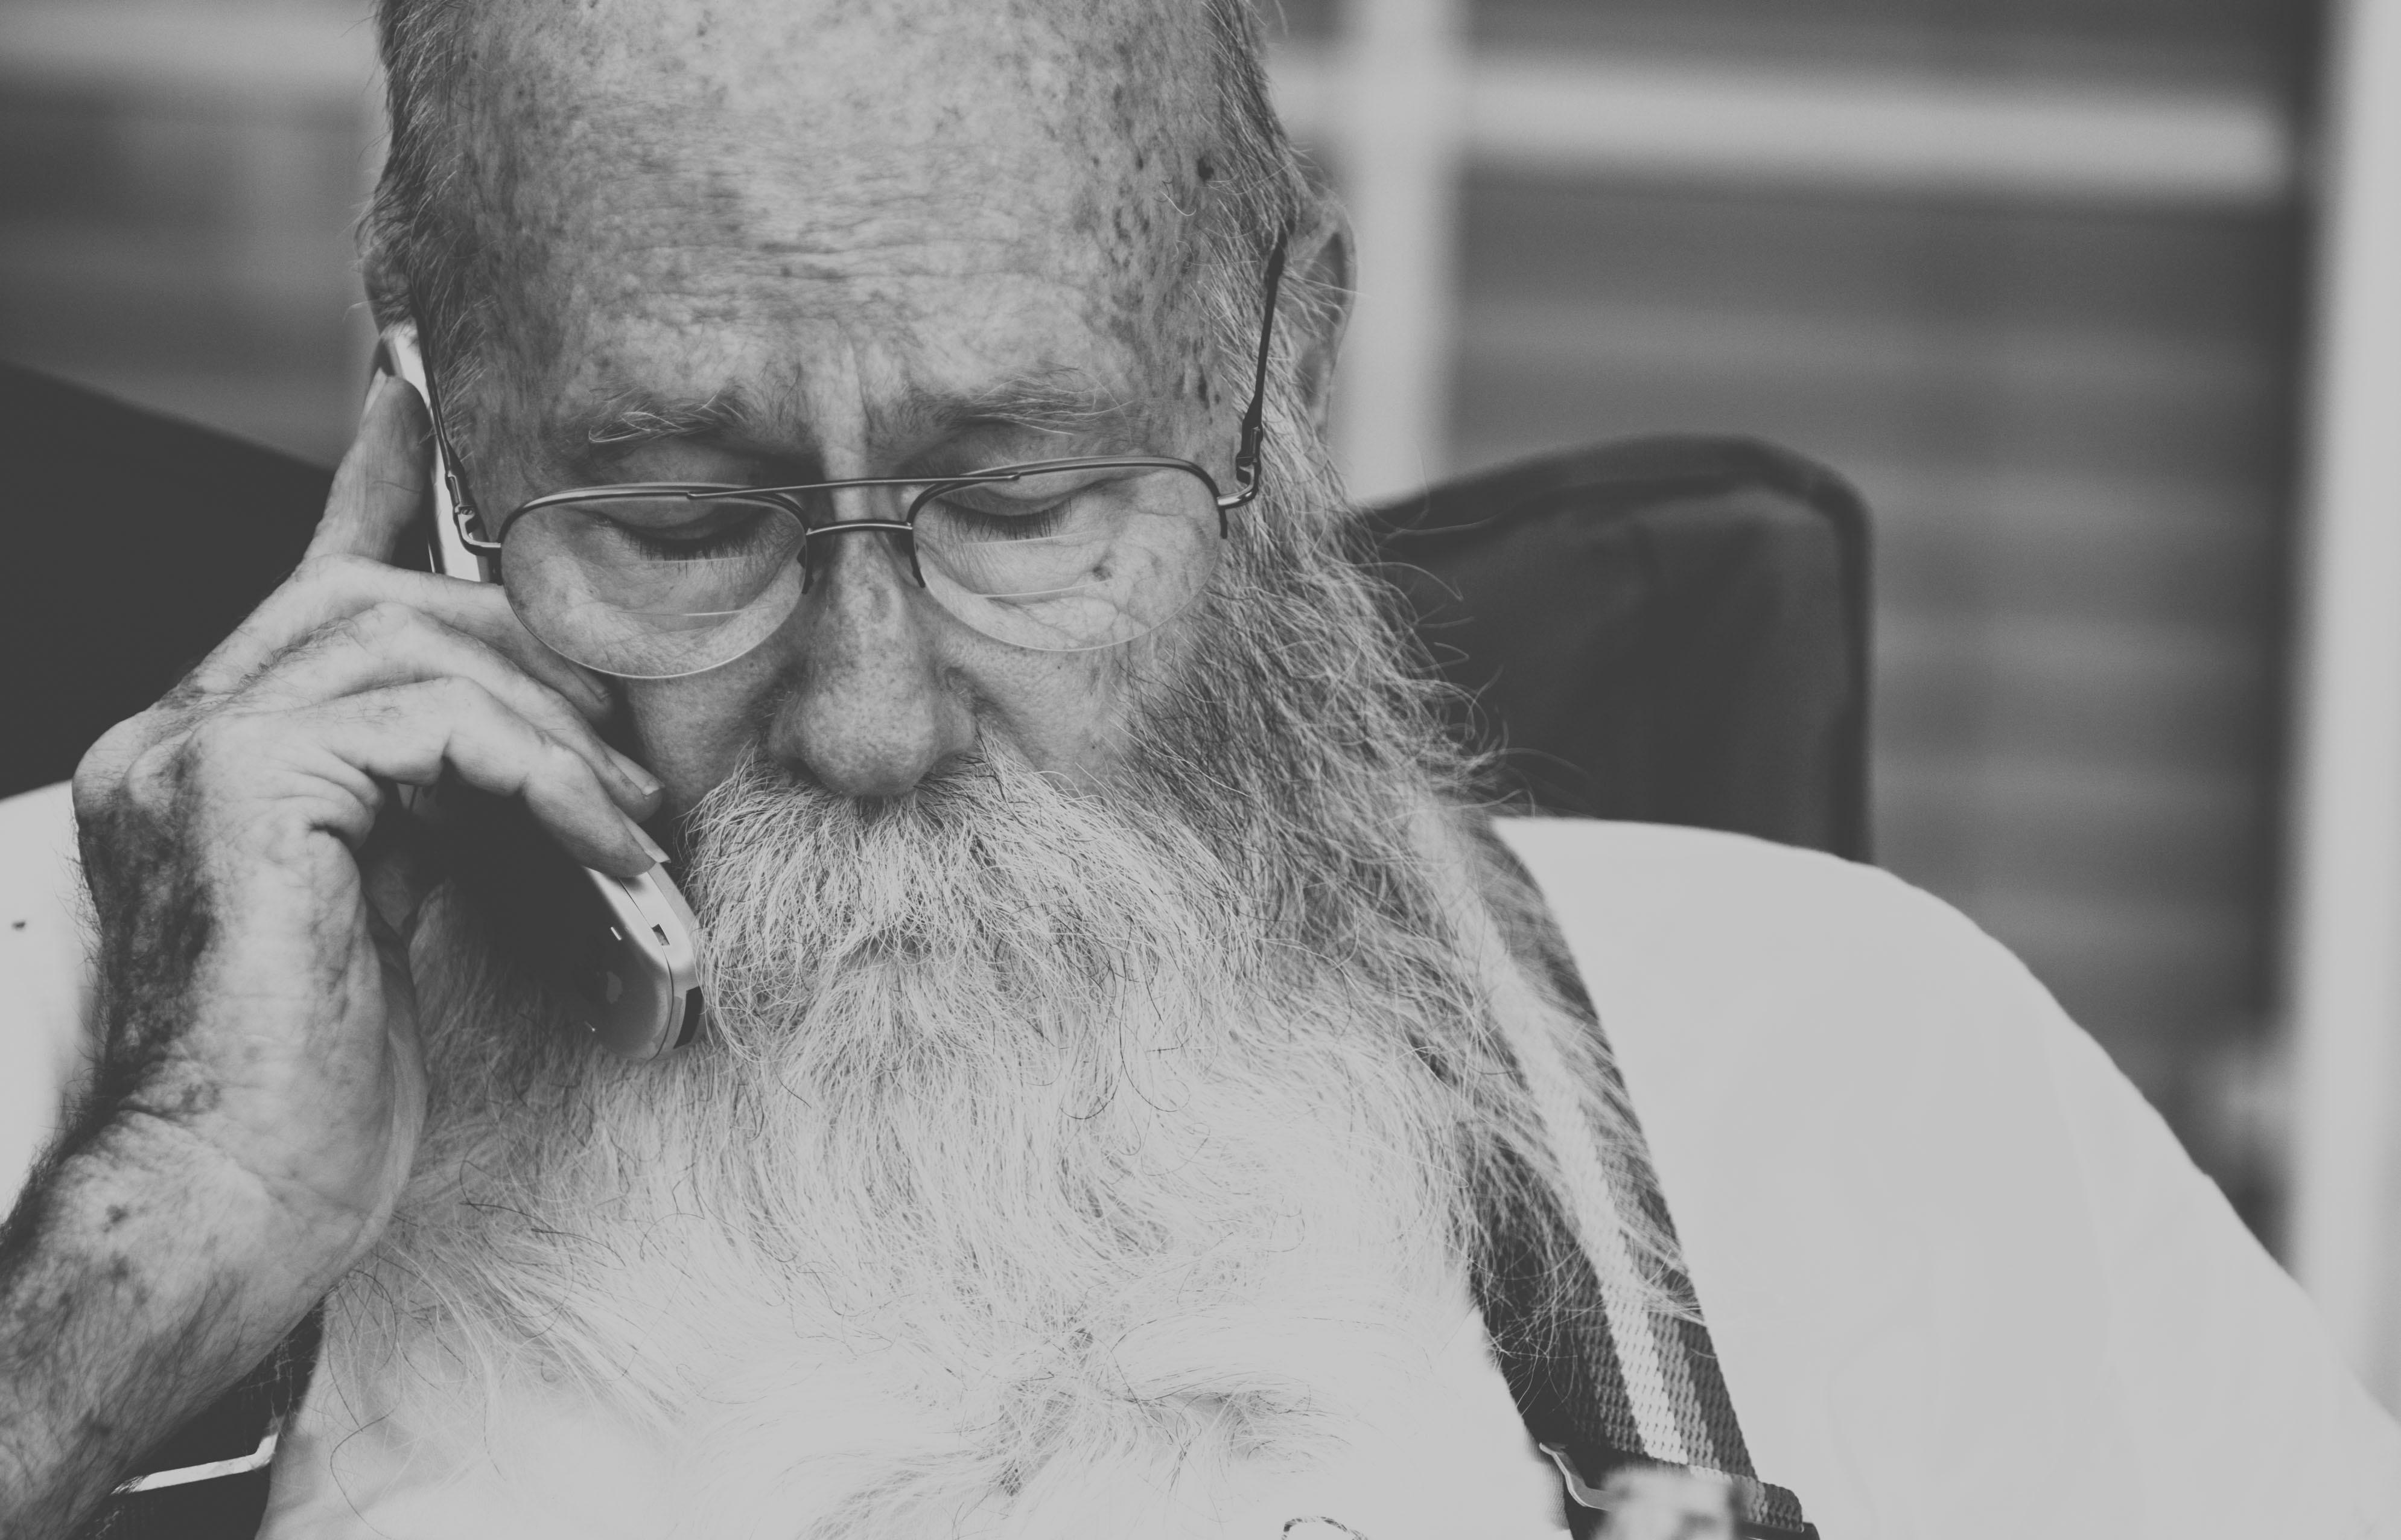 איש זקן מדבר בטלפון סלולרי